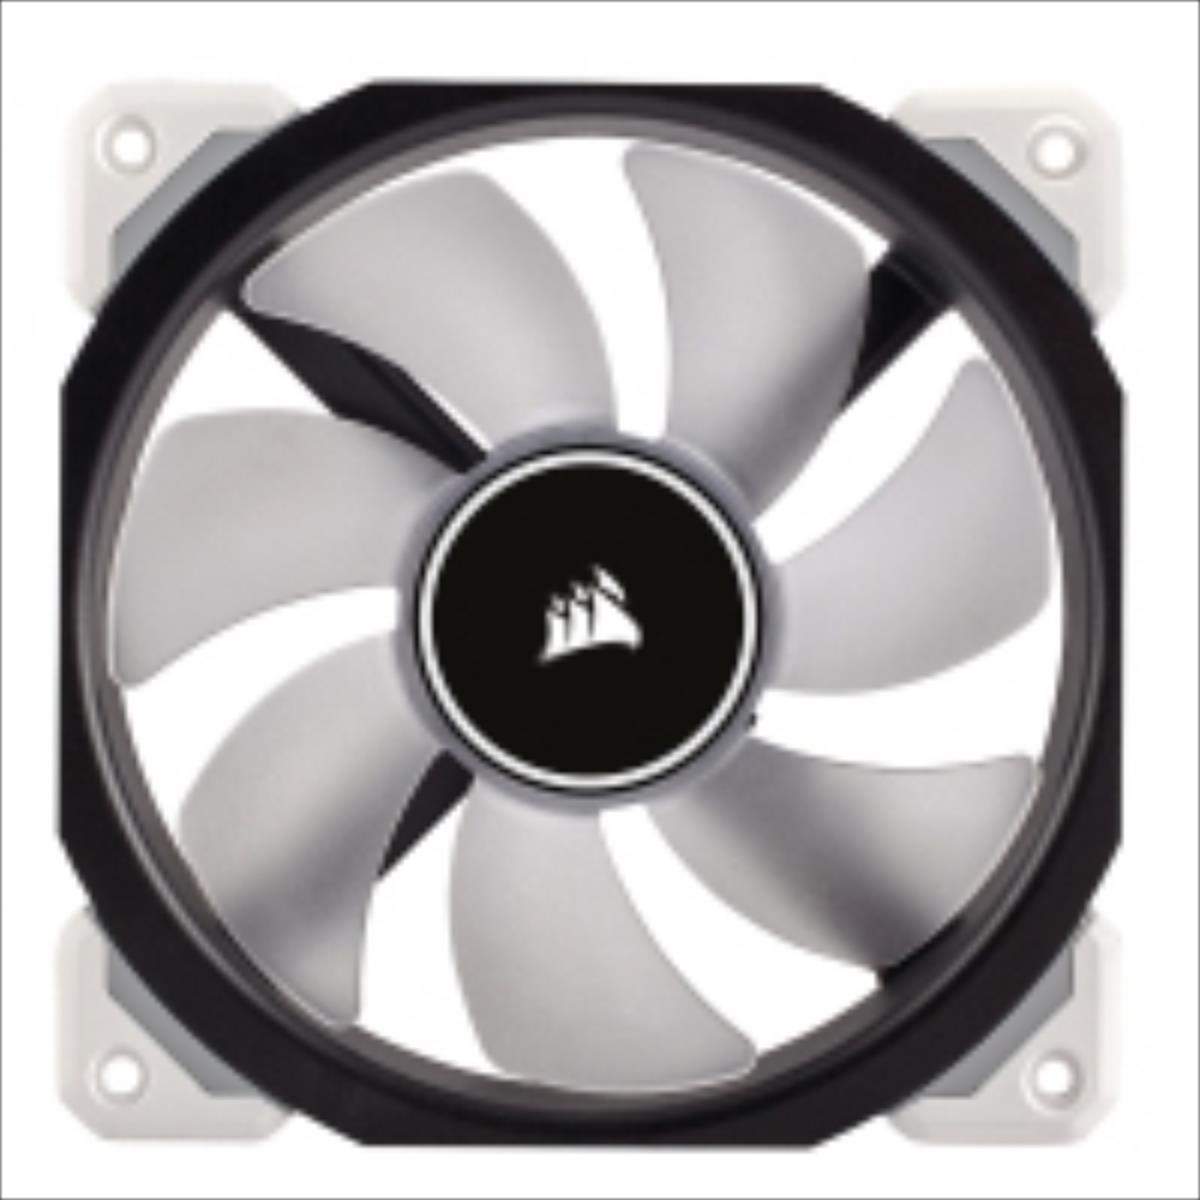 Corsair Air Series ML120 Magnetic Levitation Fan, LED white, 120mm dzesētājs, ventilators